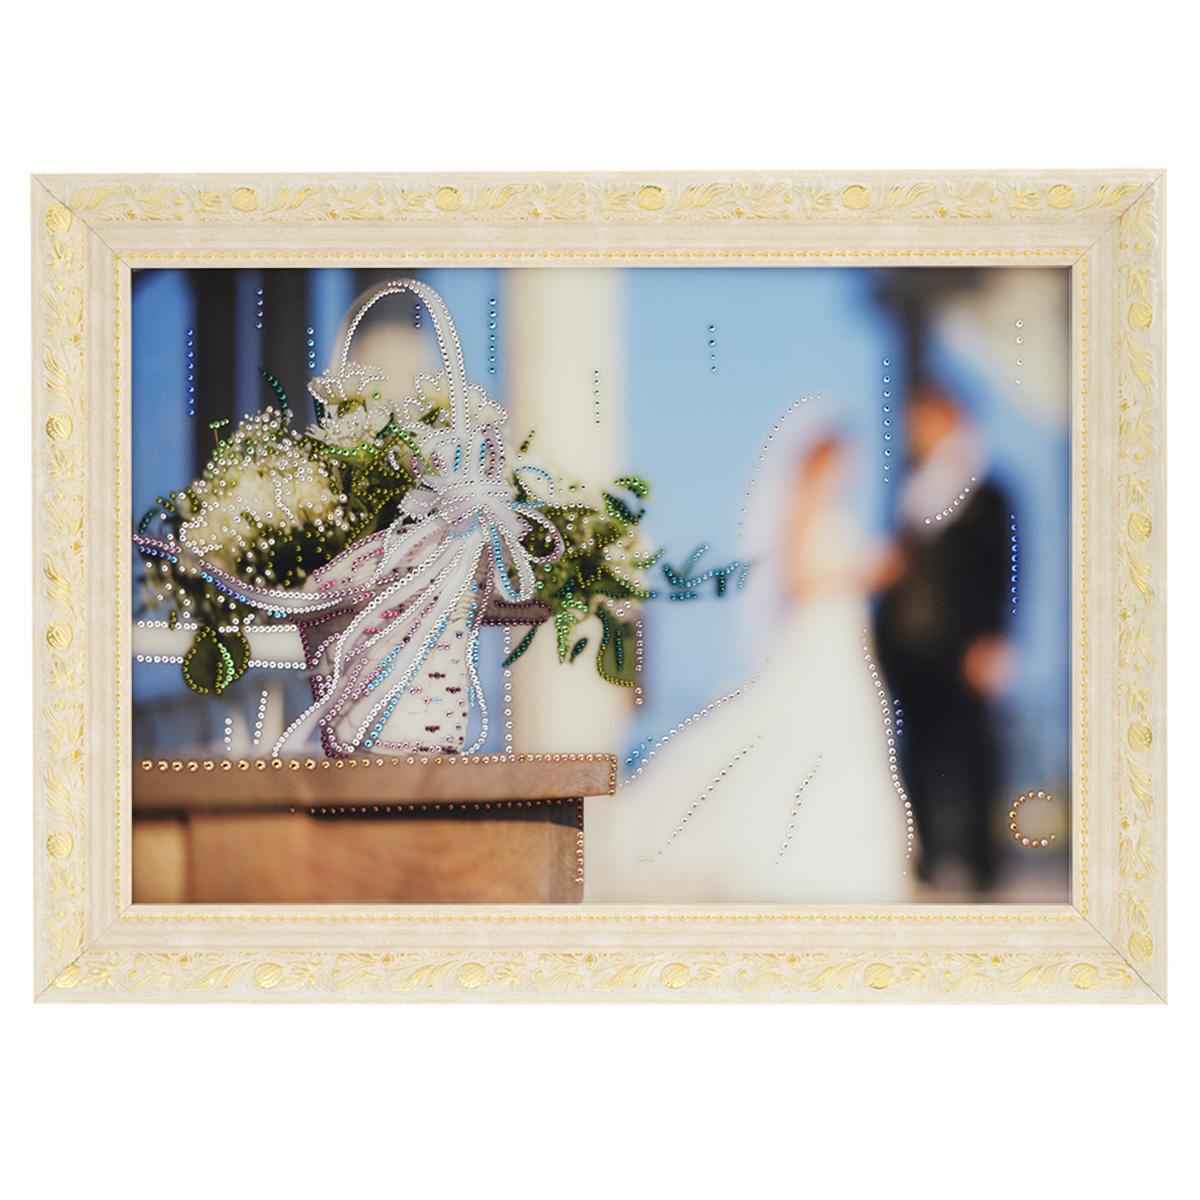 Картина с кристаллами Swarovski Свадебные цветы, 70 см х 50 см1420Изящная картина в багетной раме, инкрустирована кристаллами Swarovski, которые отличаются четкой и ровной огранкой, ярким блеском и чистотой цвета. Красочное изображение свадебных цветов, расположенное под стеклом, прекрасно дополняет блеск кристаллов. С обратной стороны имеется металлическая проволока для размещения картины на стене. Картина с кристаллами Swarovski Свадебные цветы элегантно украсит интерьер дома или офиса, а также станет прекрасным подарком, который обязательно понравится получателю. Блеск кристаллов в интерьере, что может быть сказочнее и удивительнее. Картина упакована в подарочную картонную коробку синего цвета и комплектуется сертификатом соответствия Swarovski.